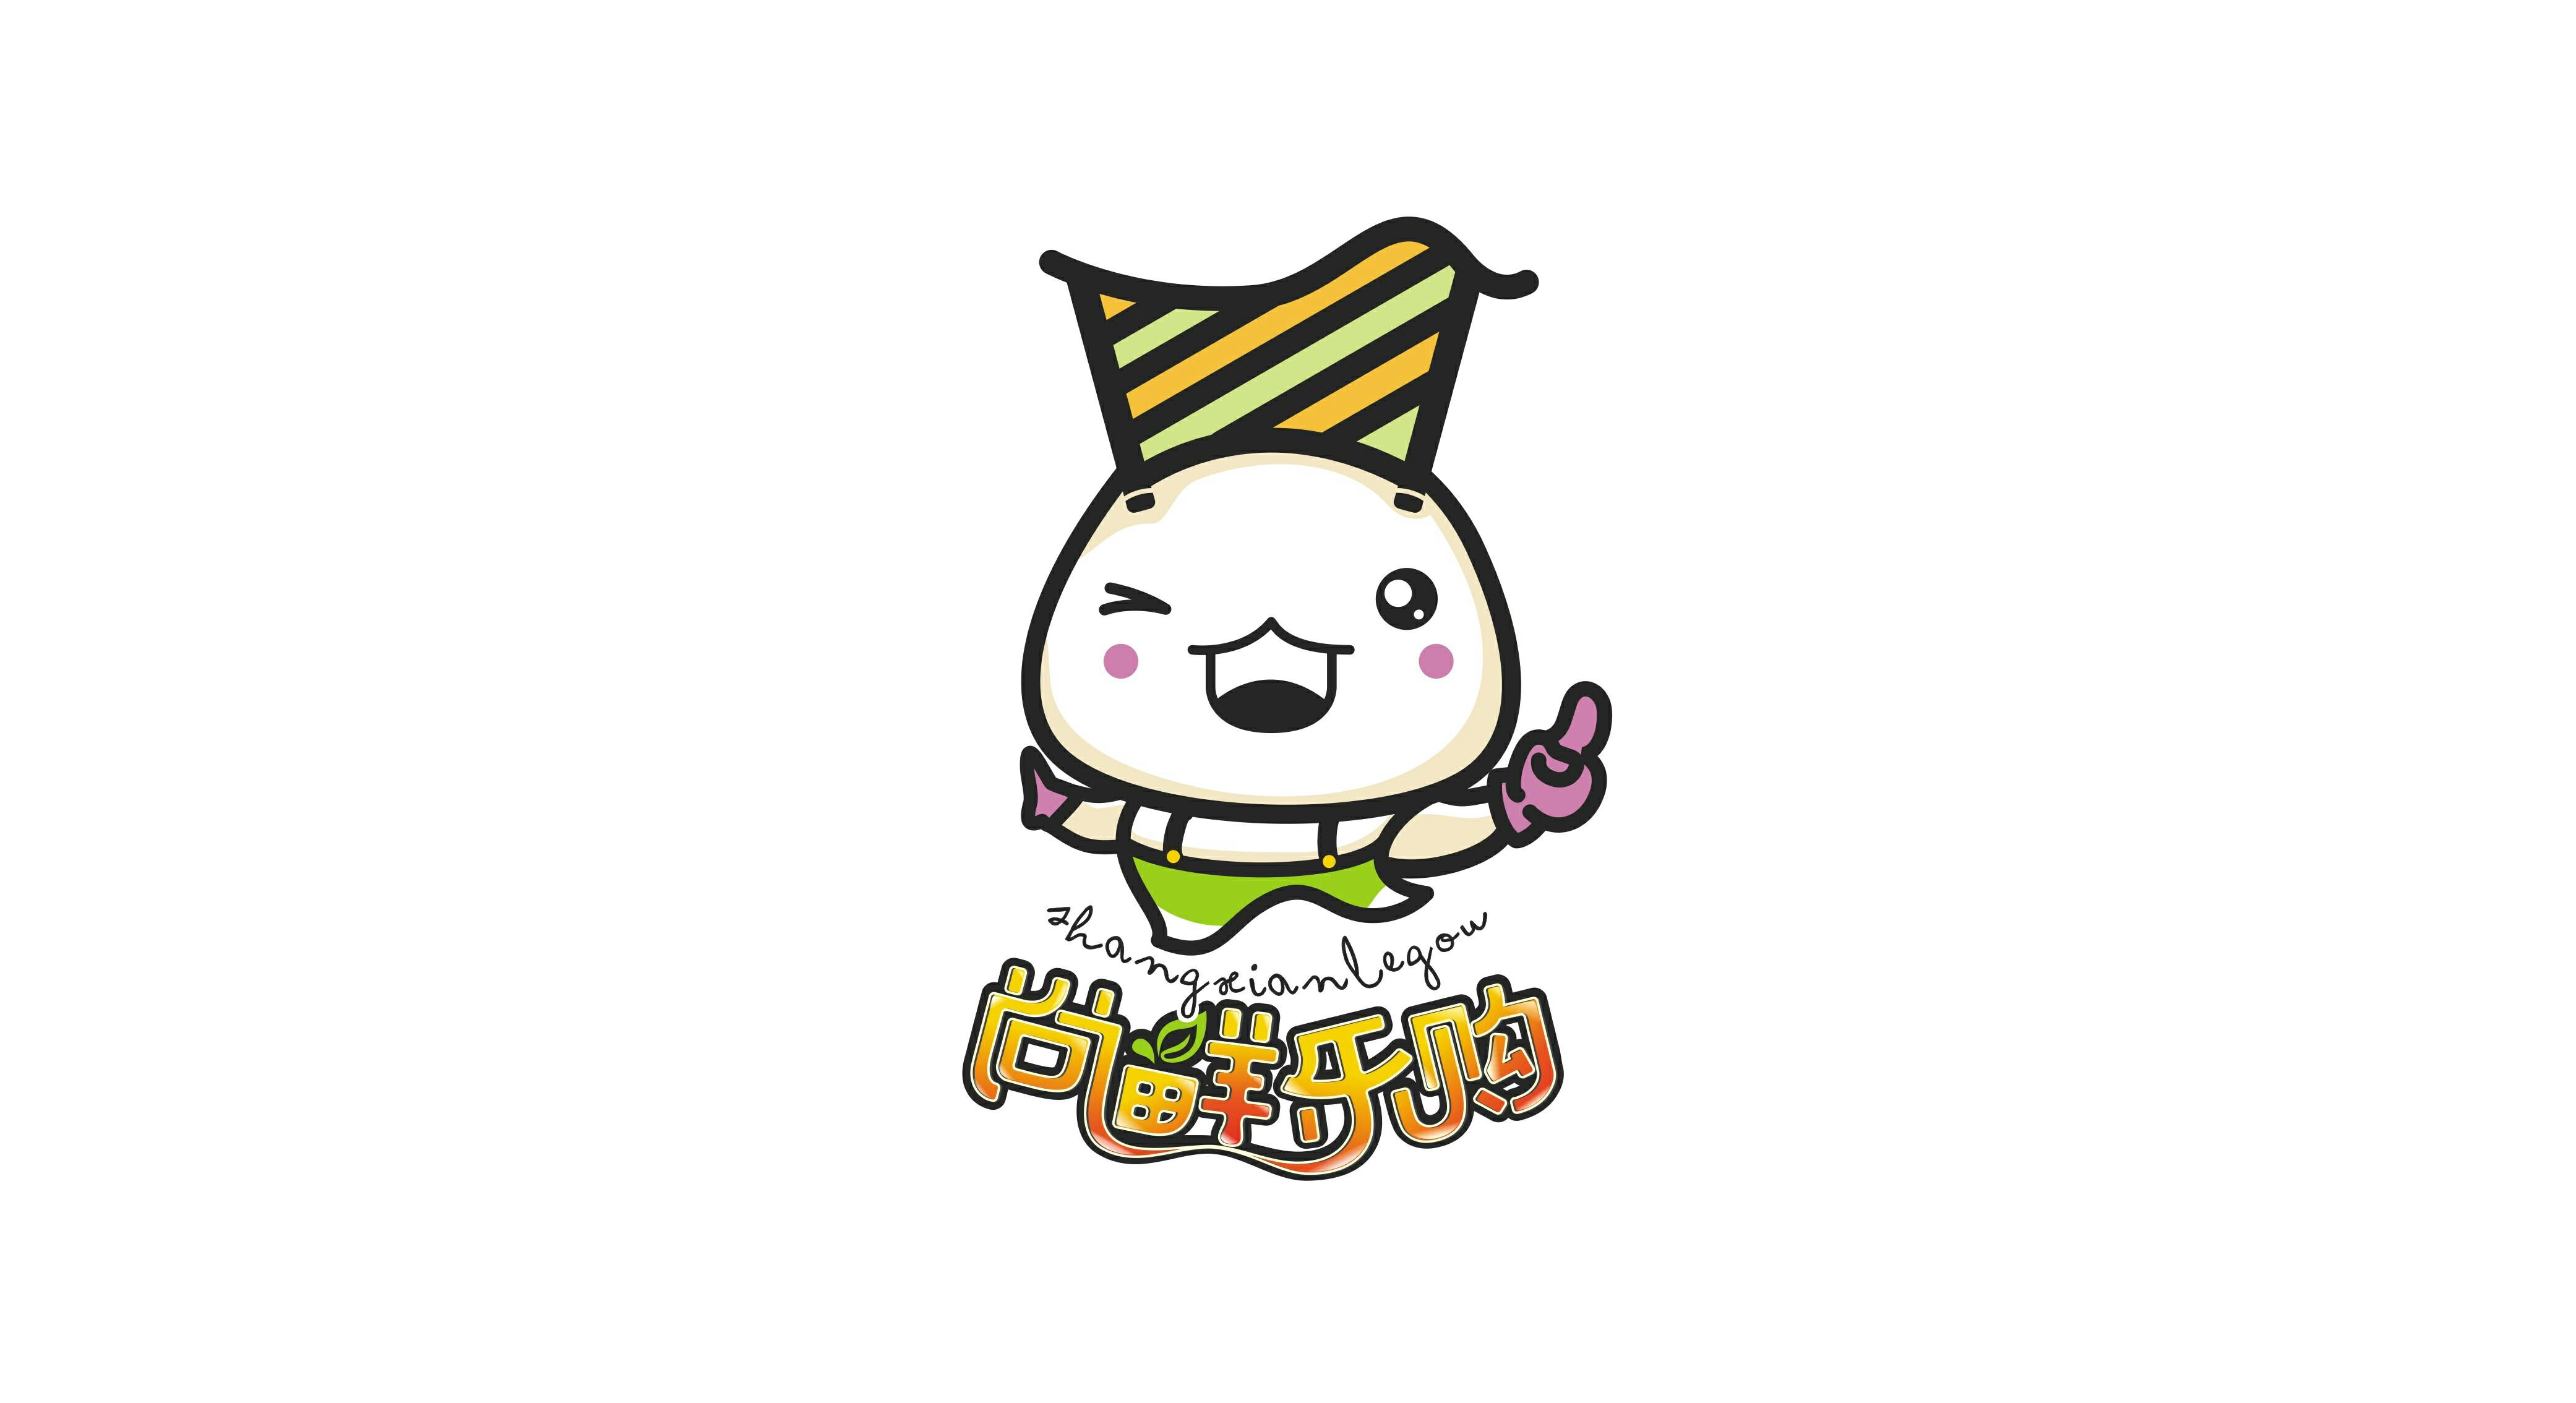 五彩炒饭/盘